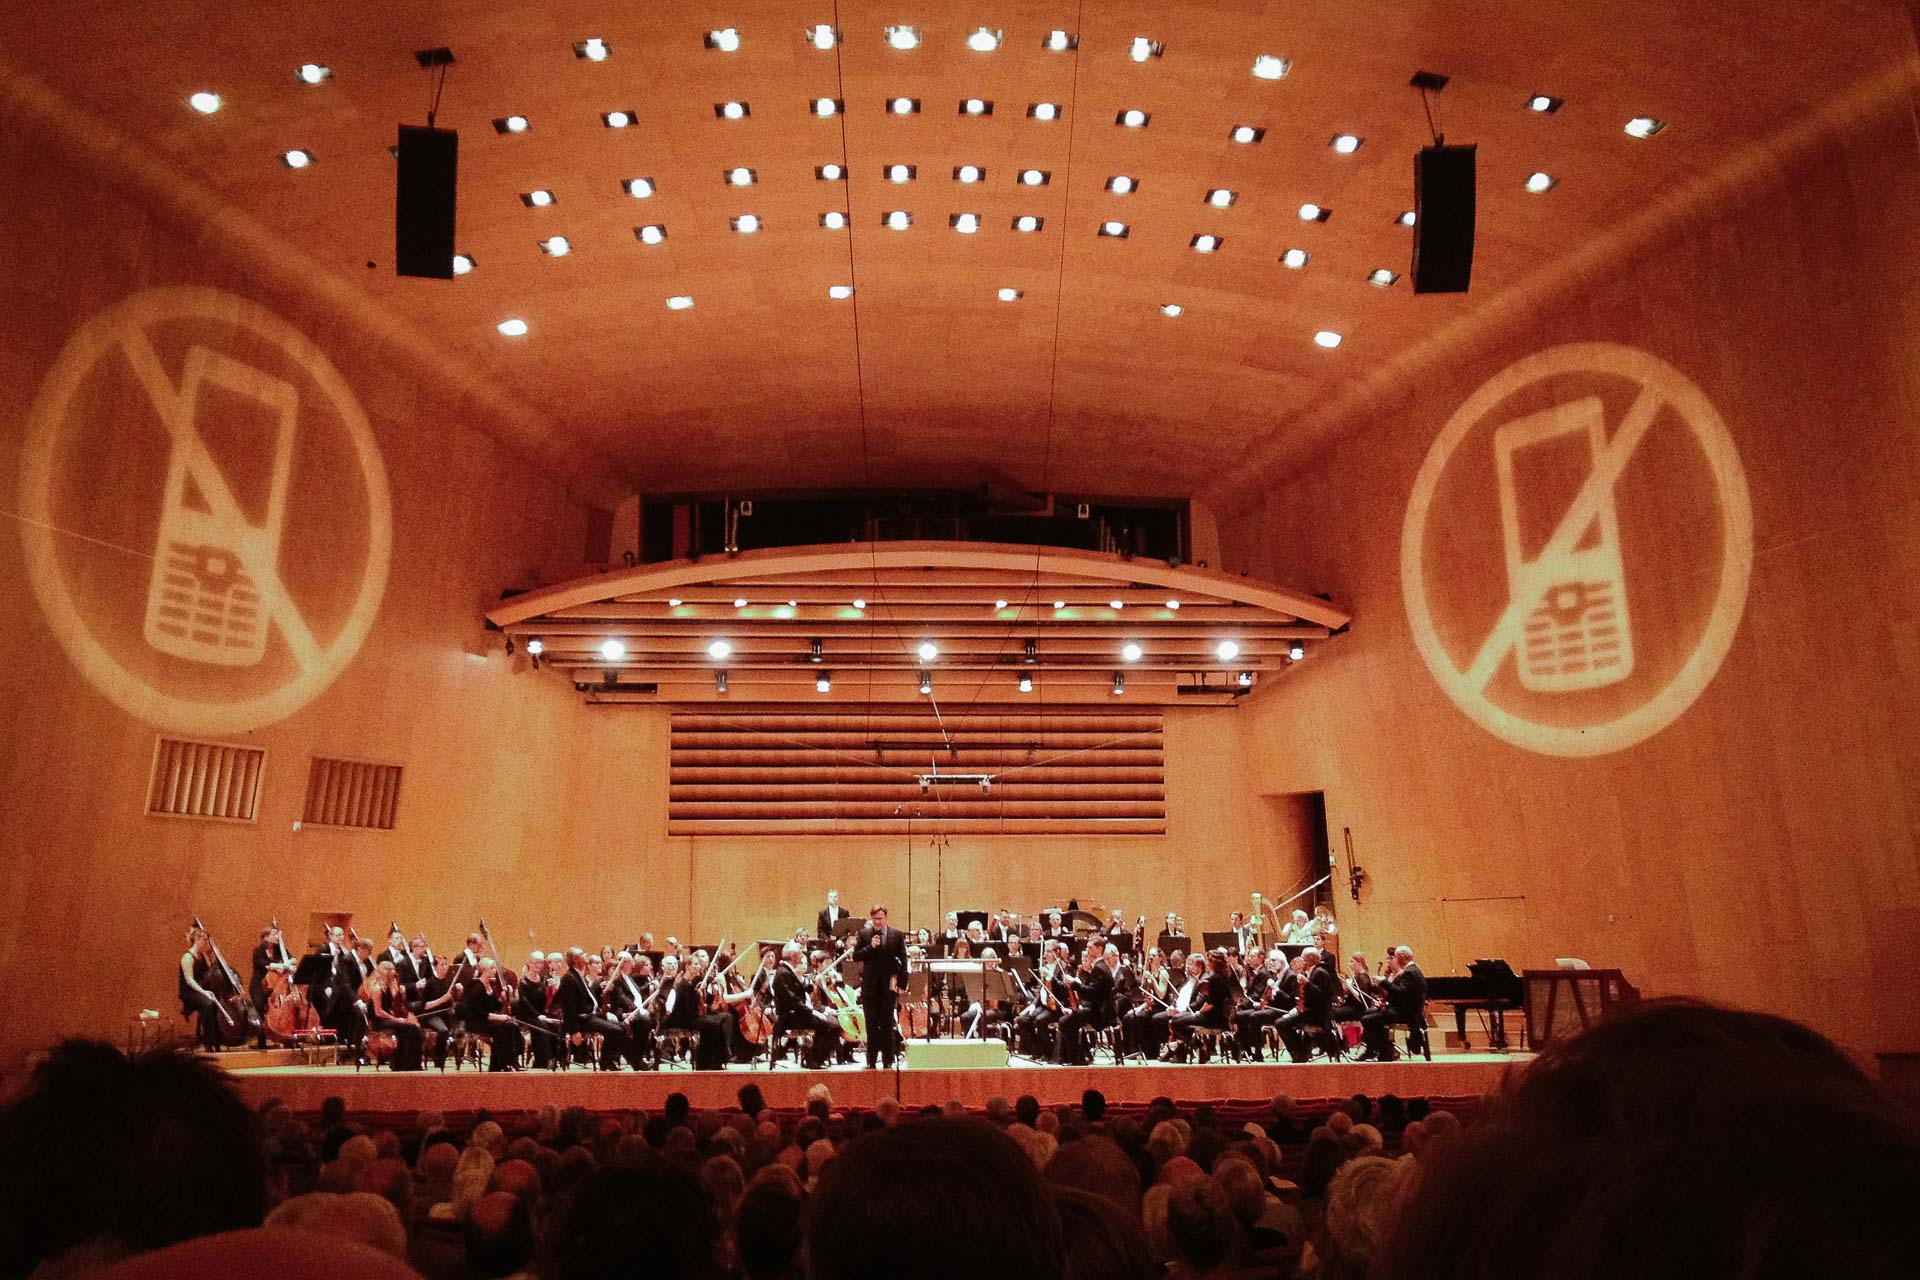 Näringslivsträff Göteborgs konserthus